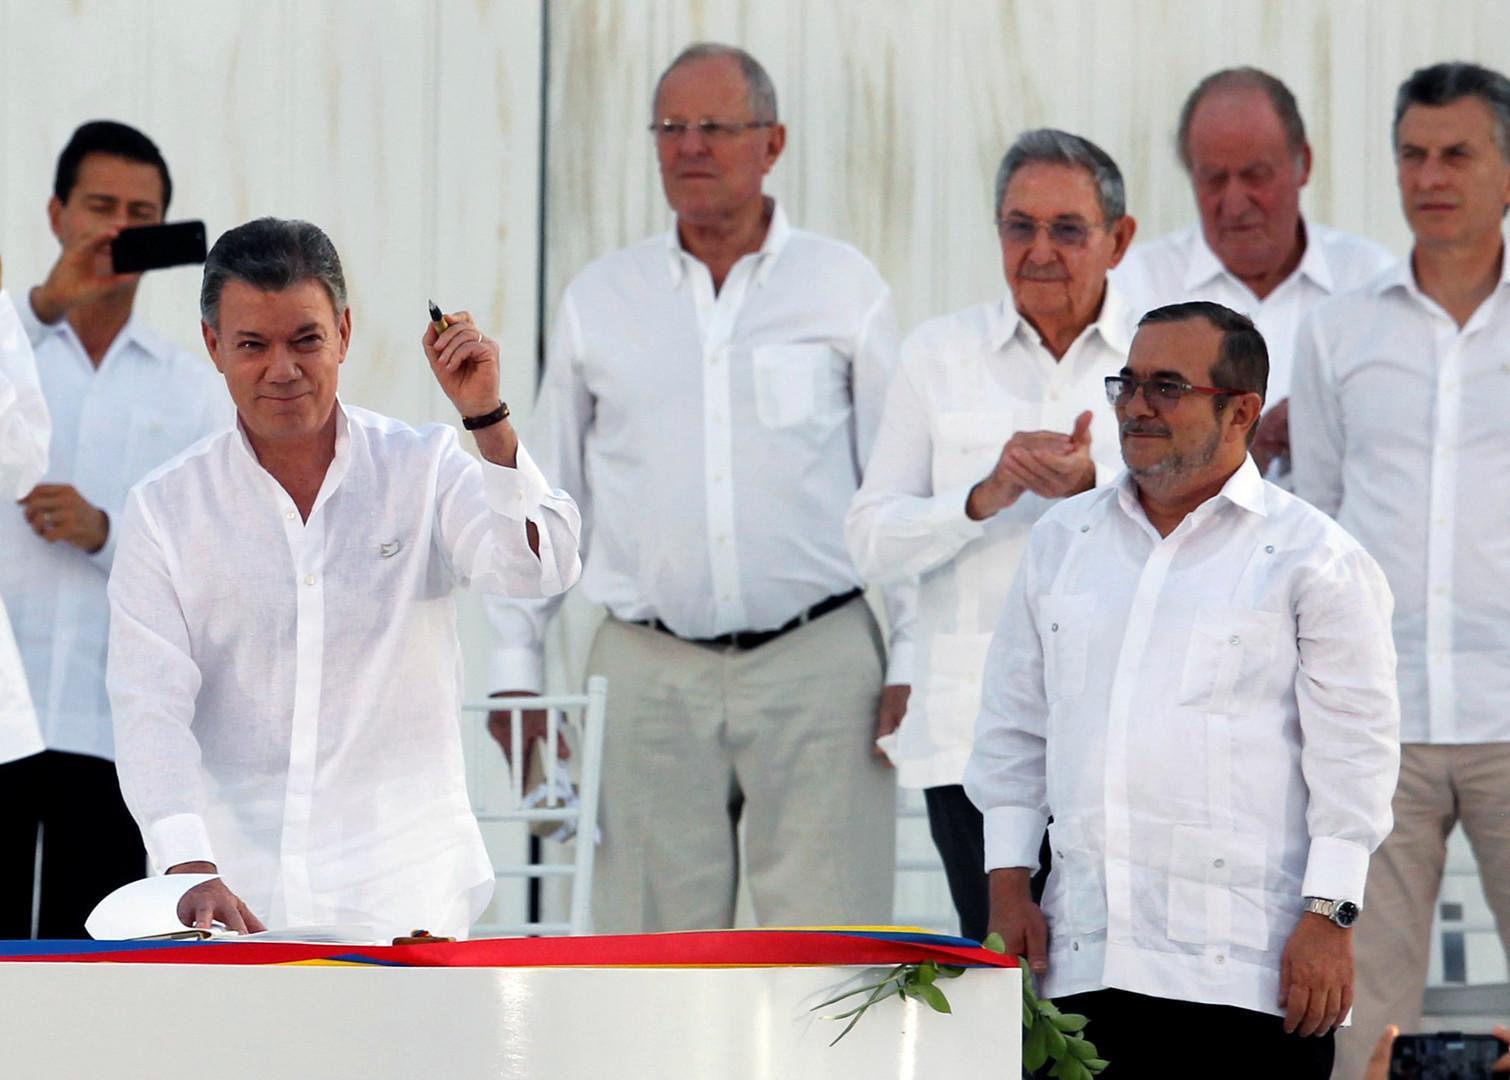 Colombie : les autorités et les FARC signent un accord de paix après 50 ans de guerre